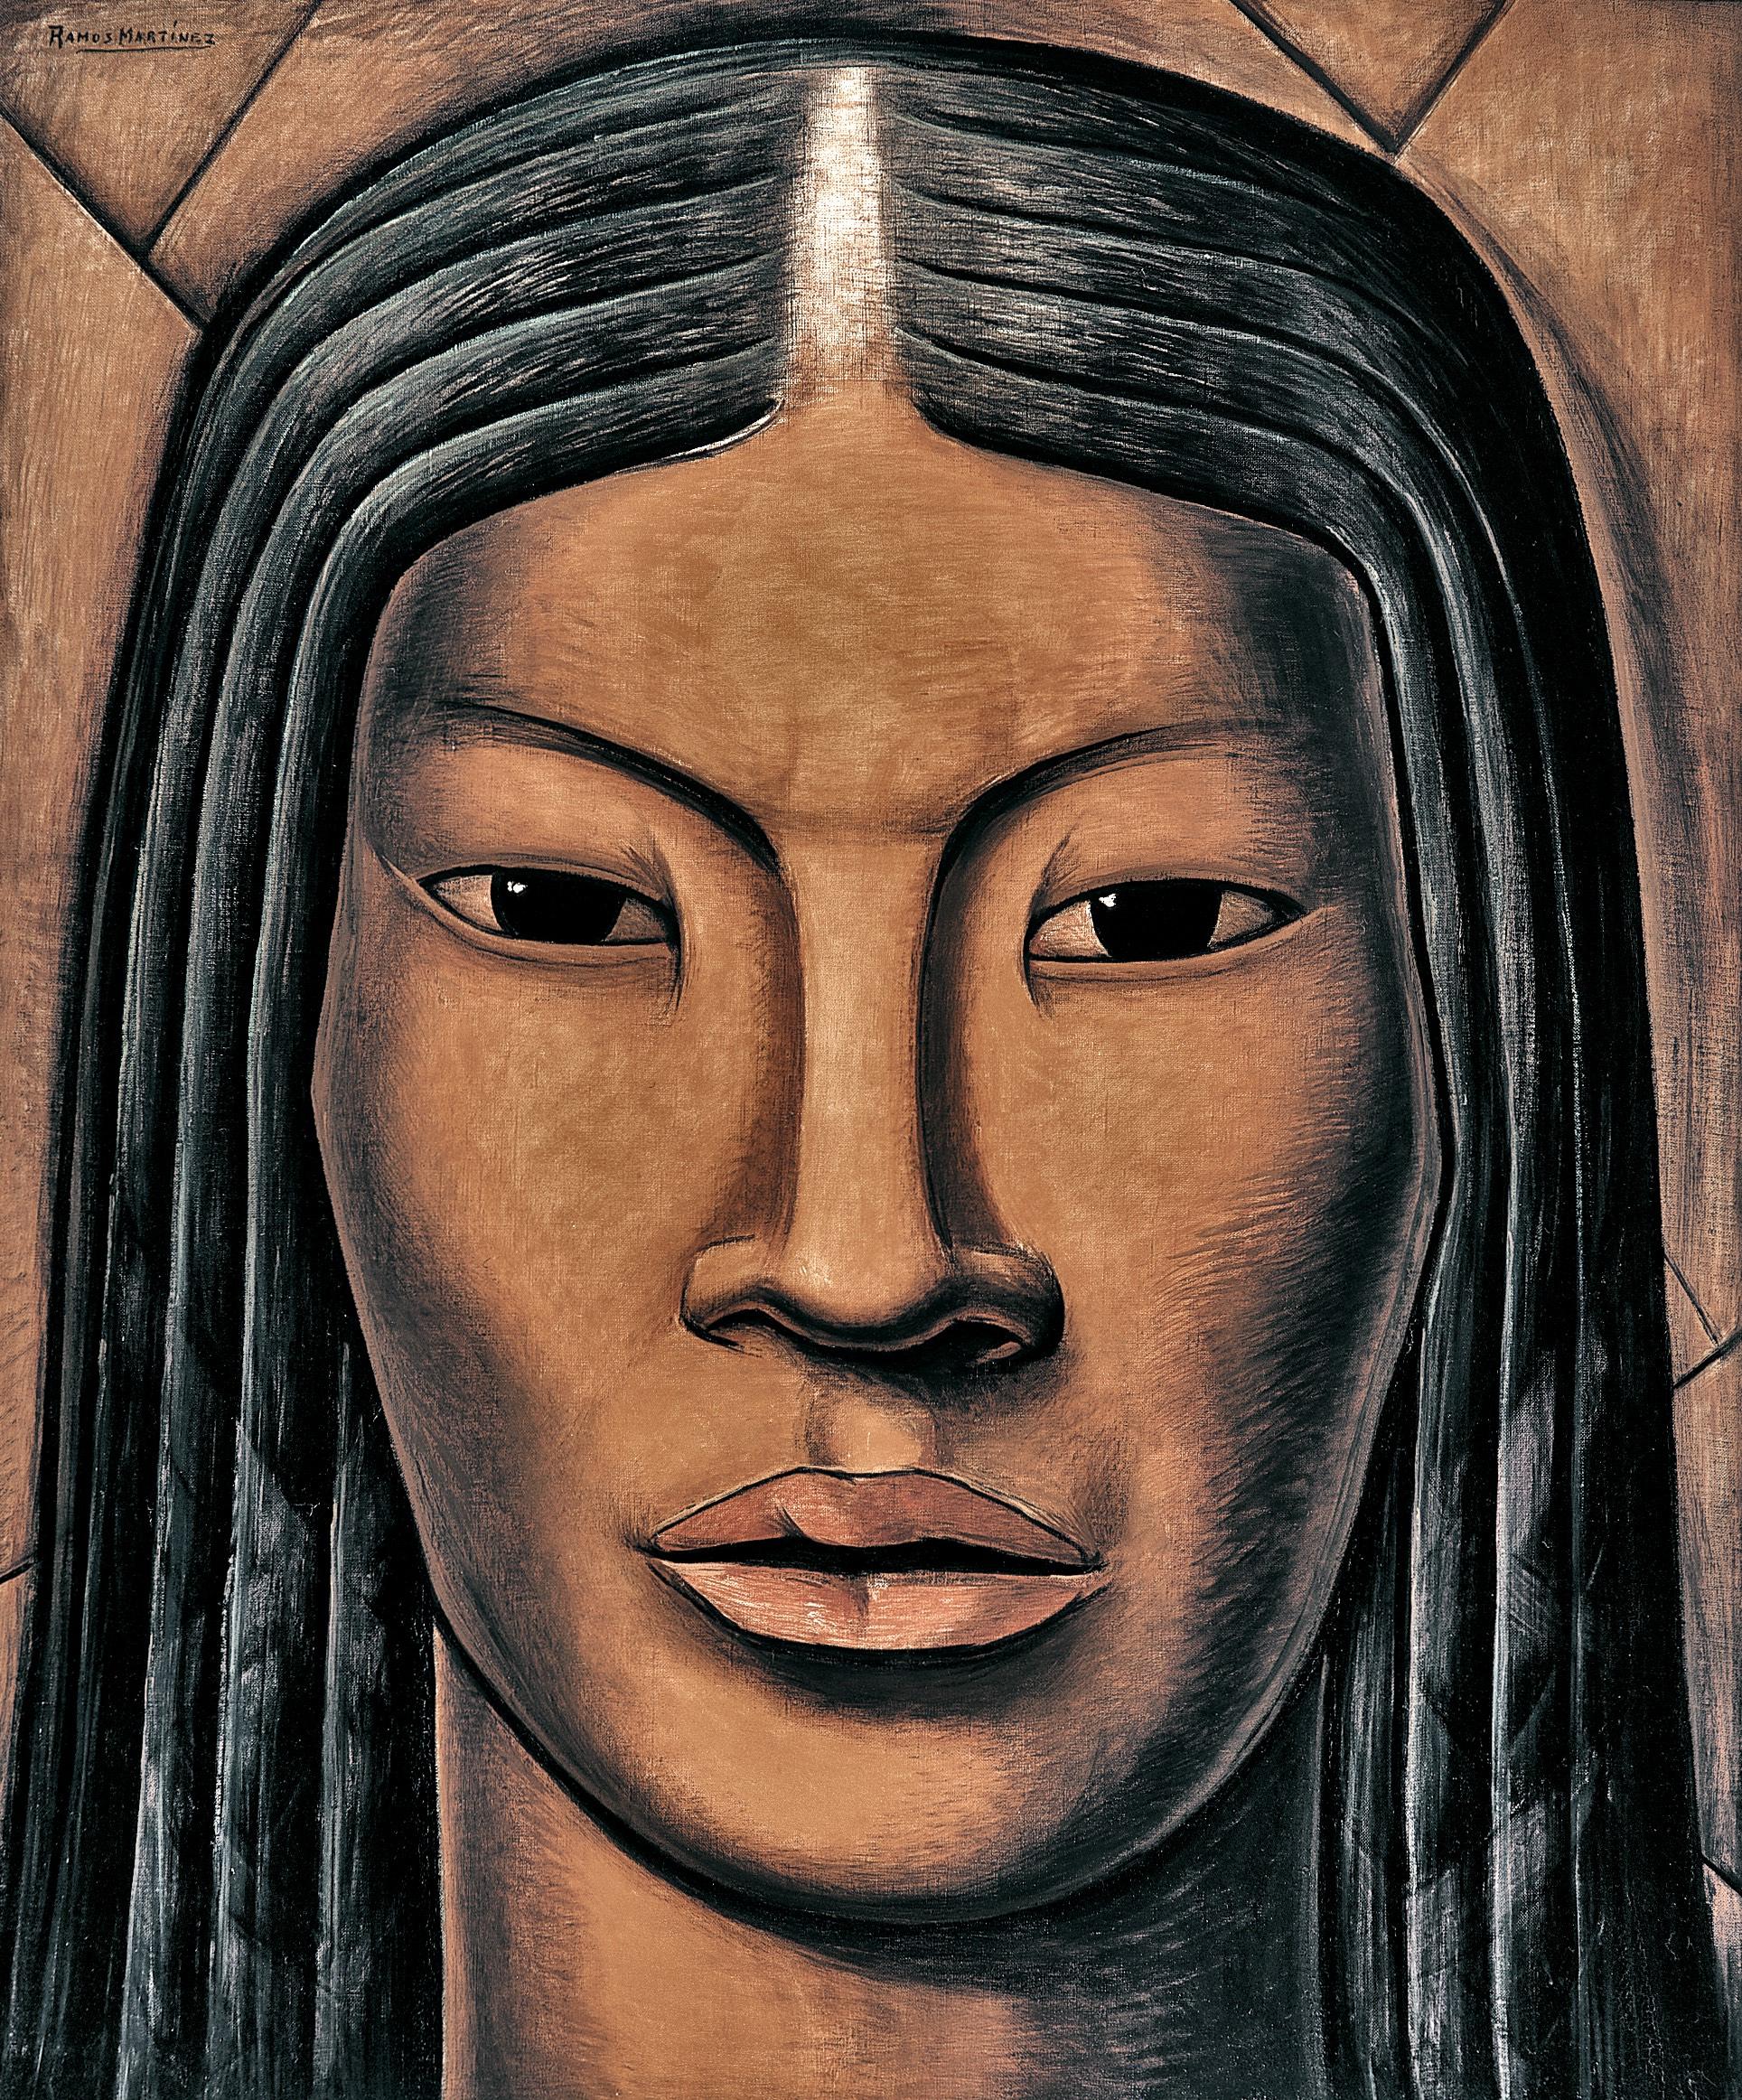 La Malinche  ca. 1930 oil on canvas / óleo sobre tela 46 x 38 inches; 116.84 x 96.5 centímetros